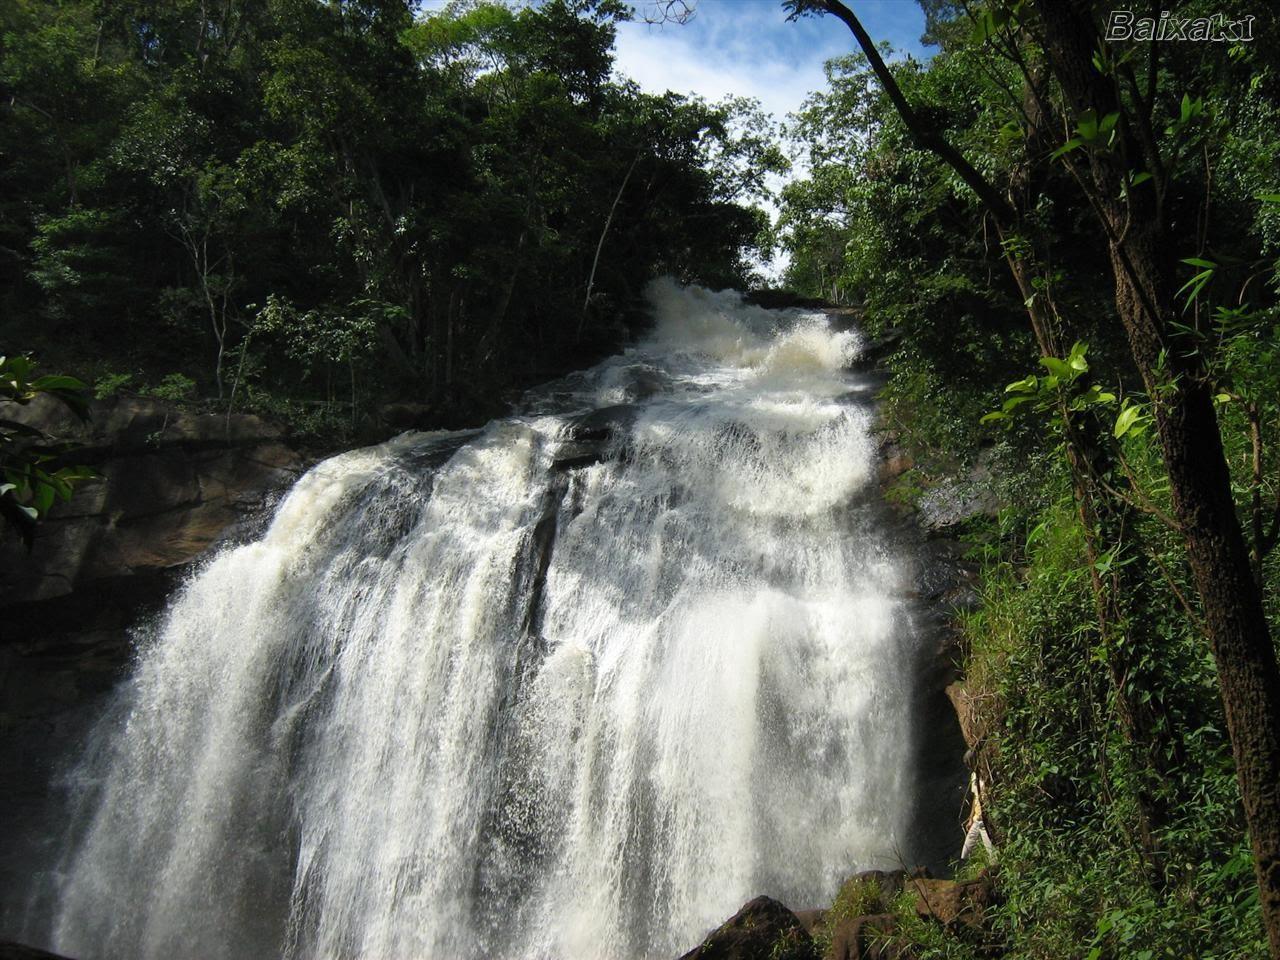 Seja uma fonte de Vida, como essa cachoeira.